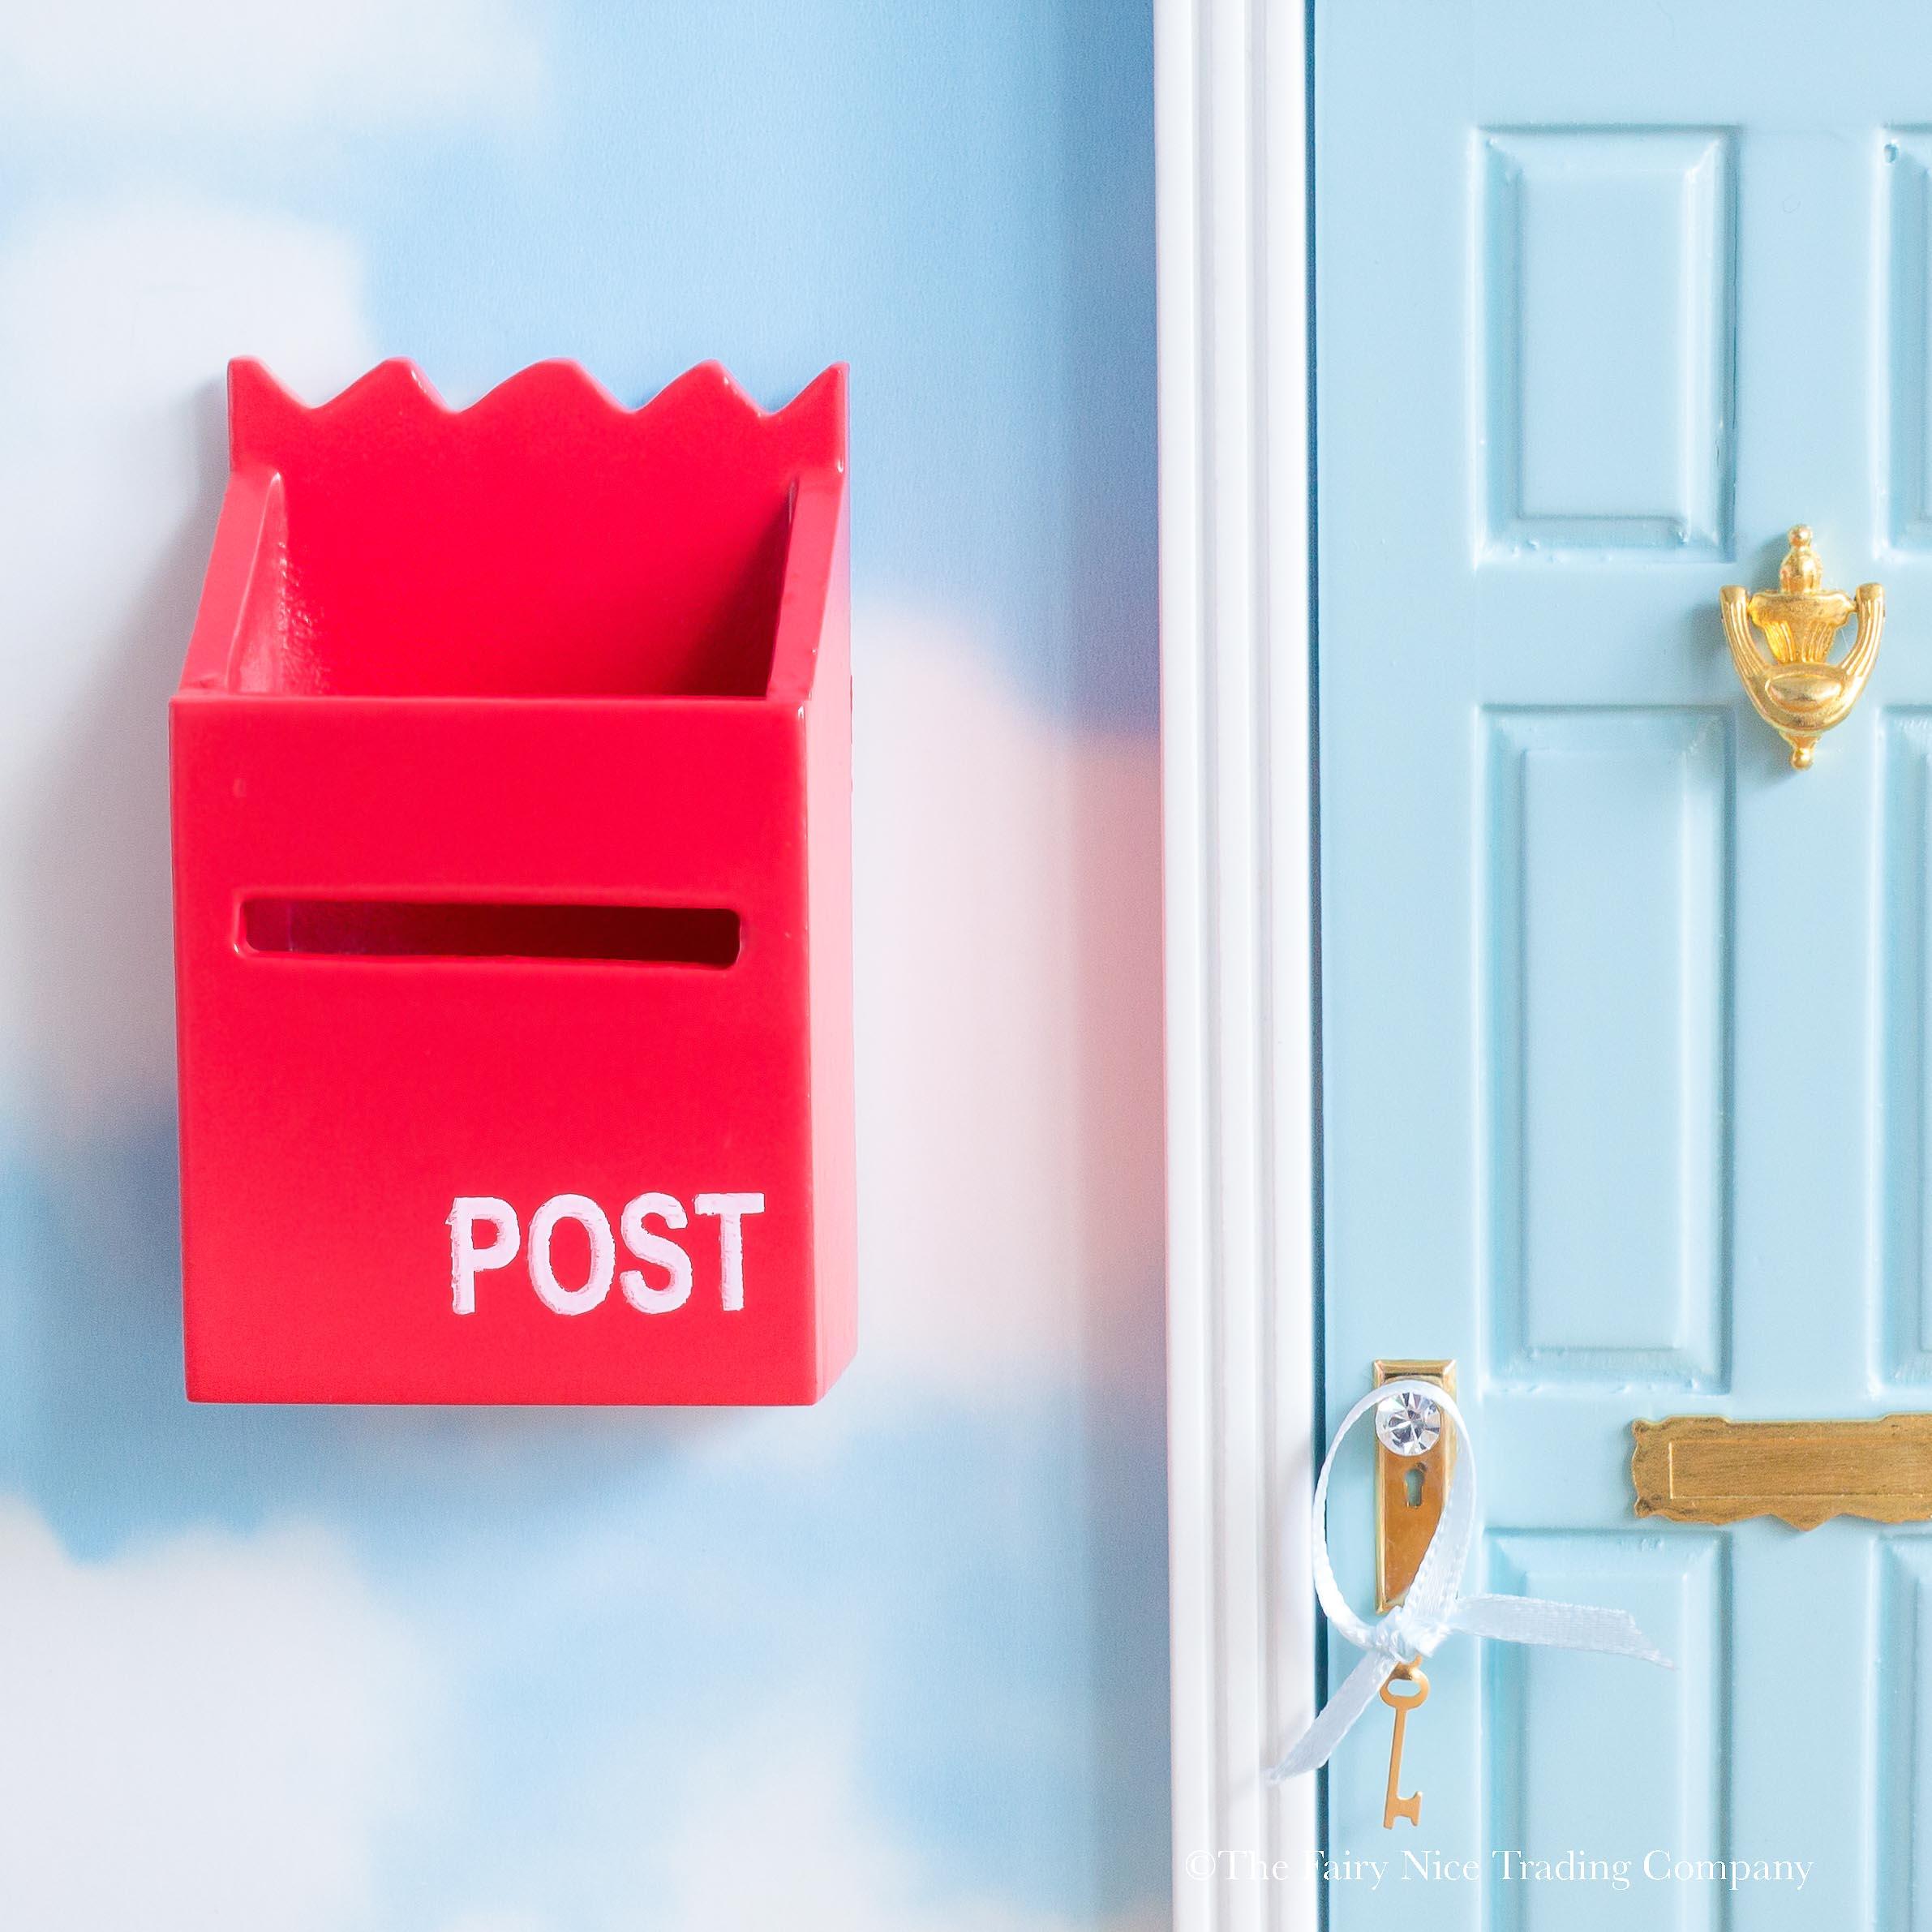 Post Box For Fairy Doors The Fairy Nice Trading Company